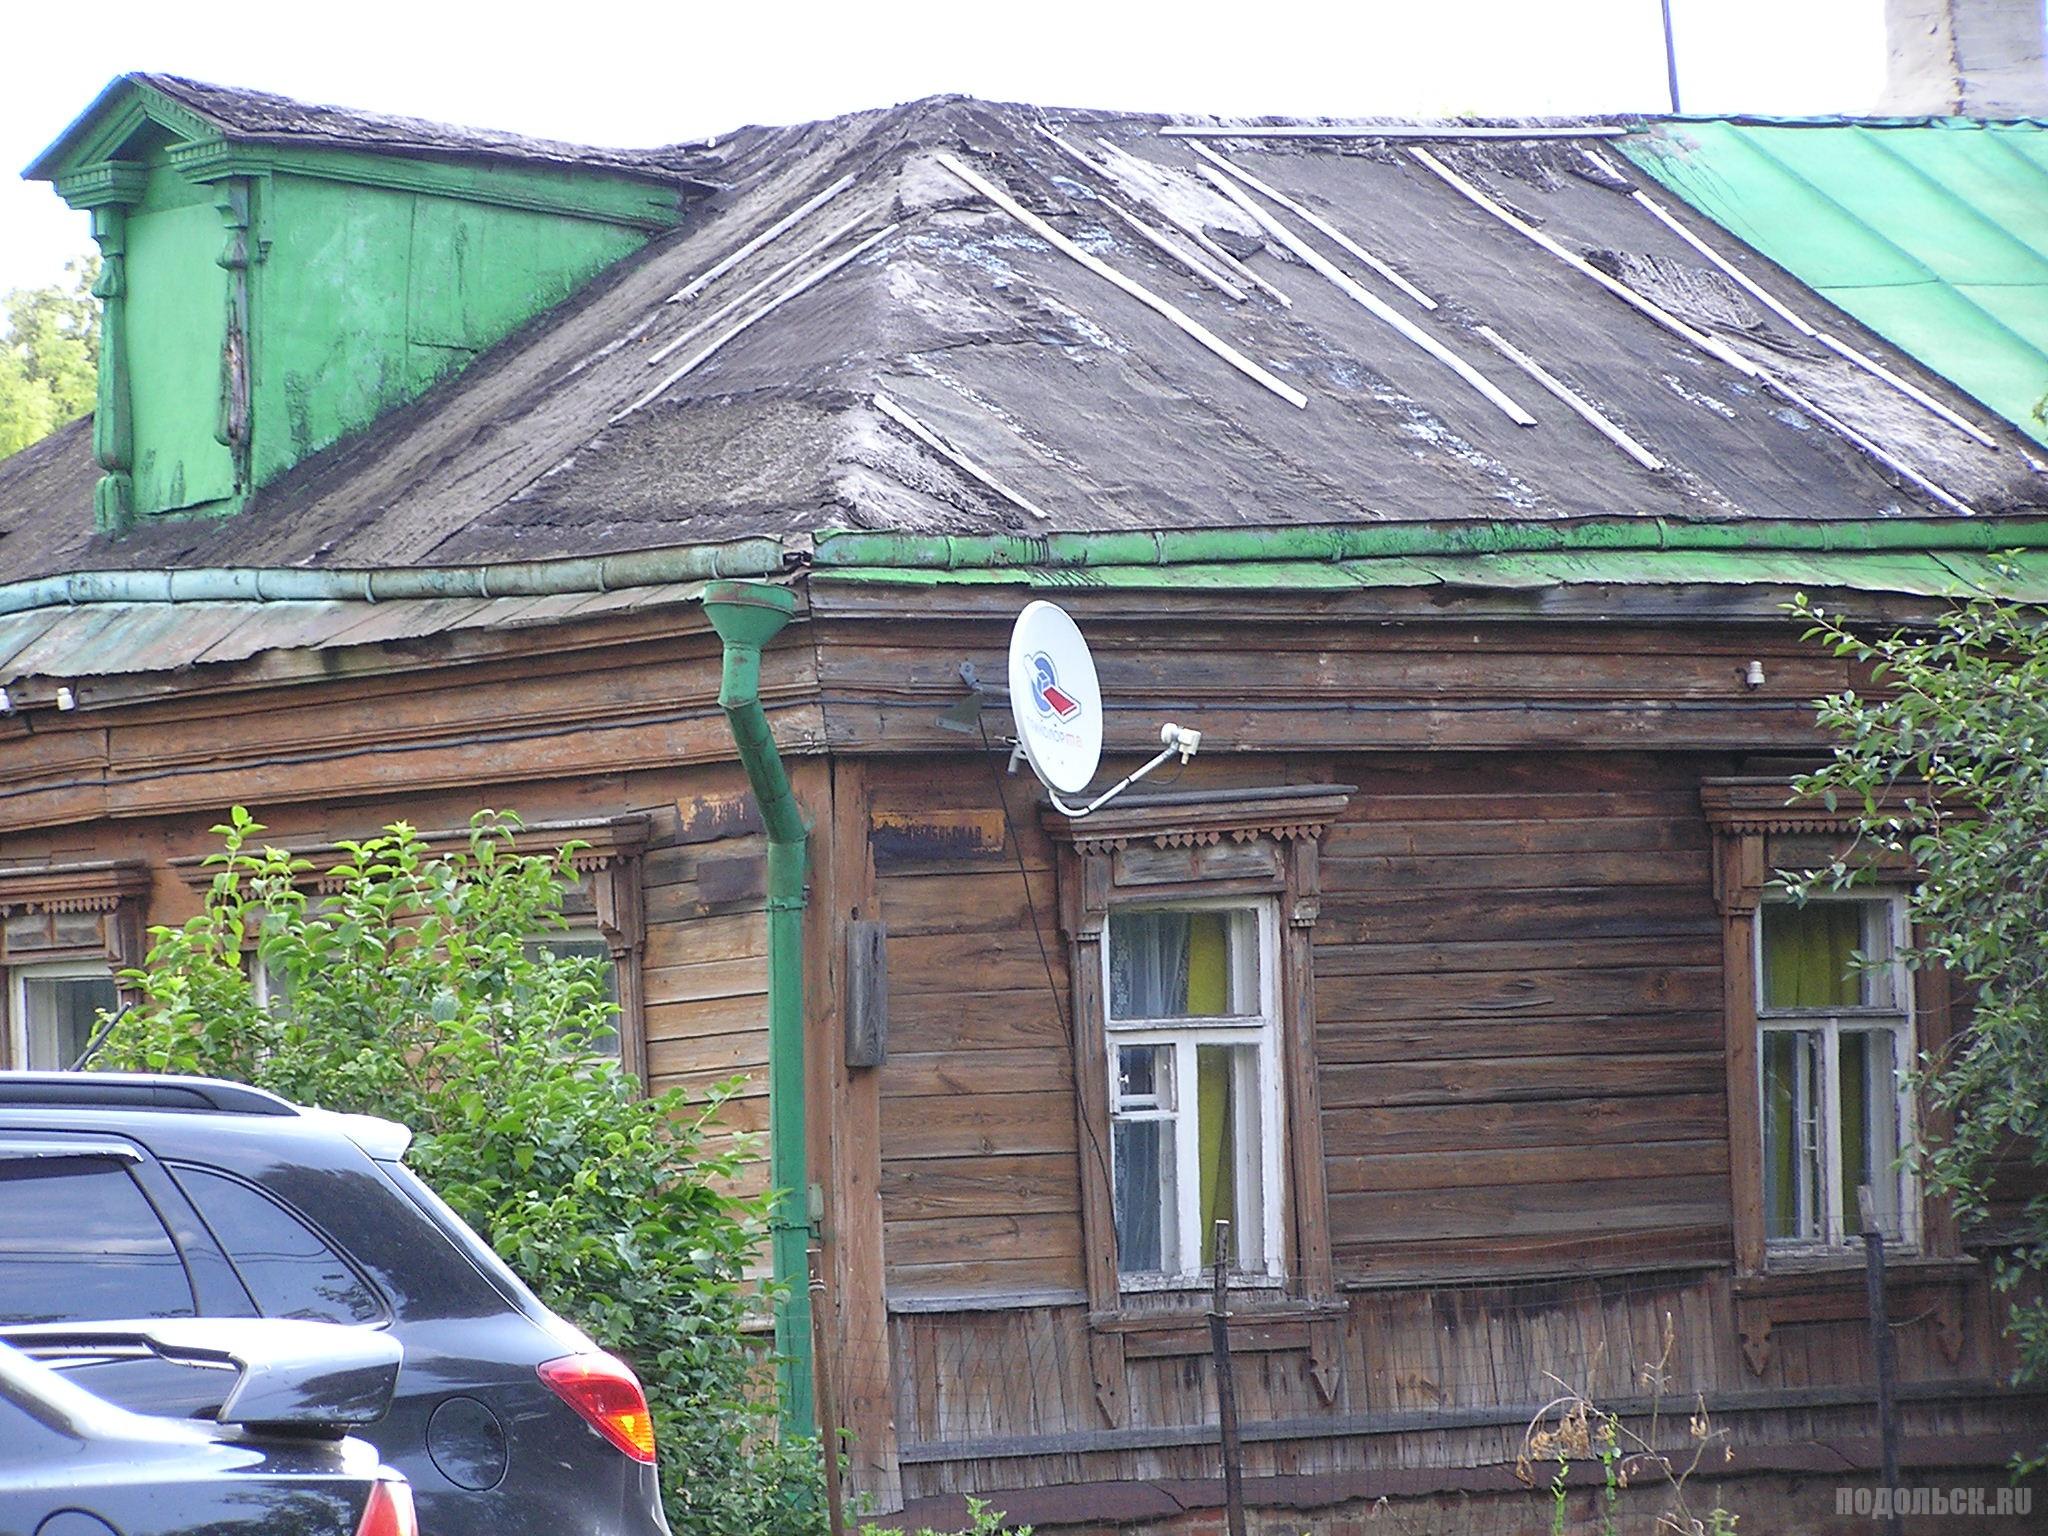 Октябрьская улица. Июль 2017.